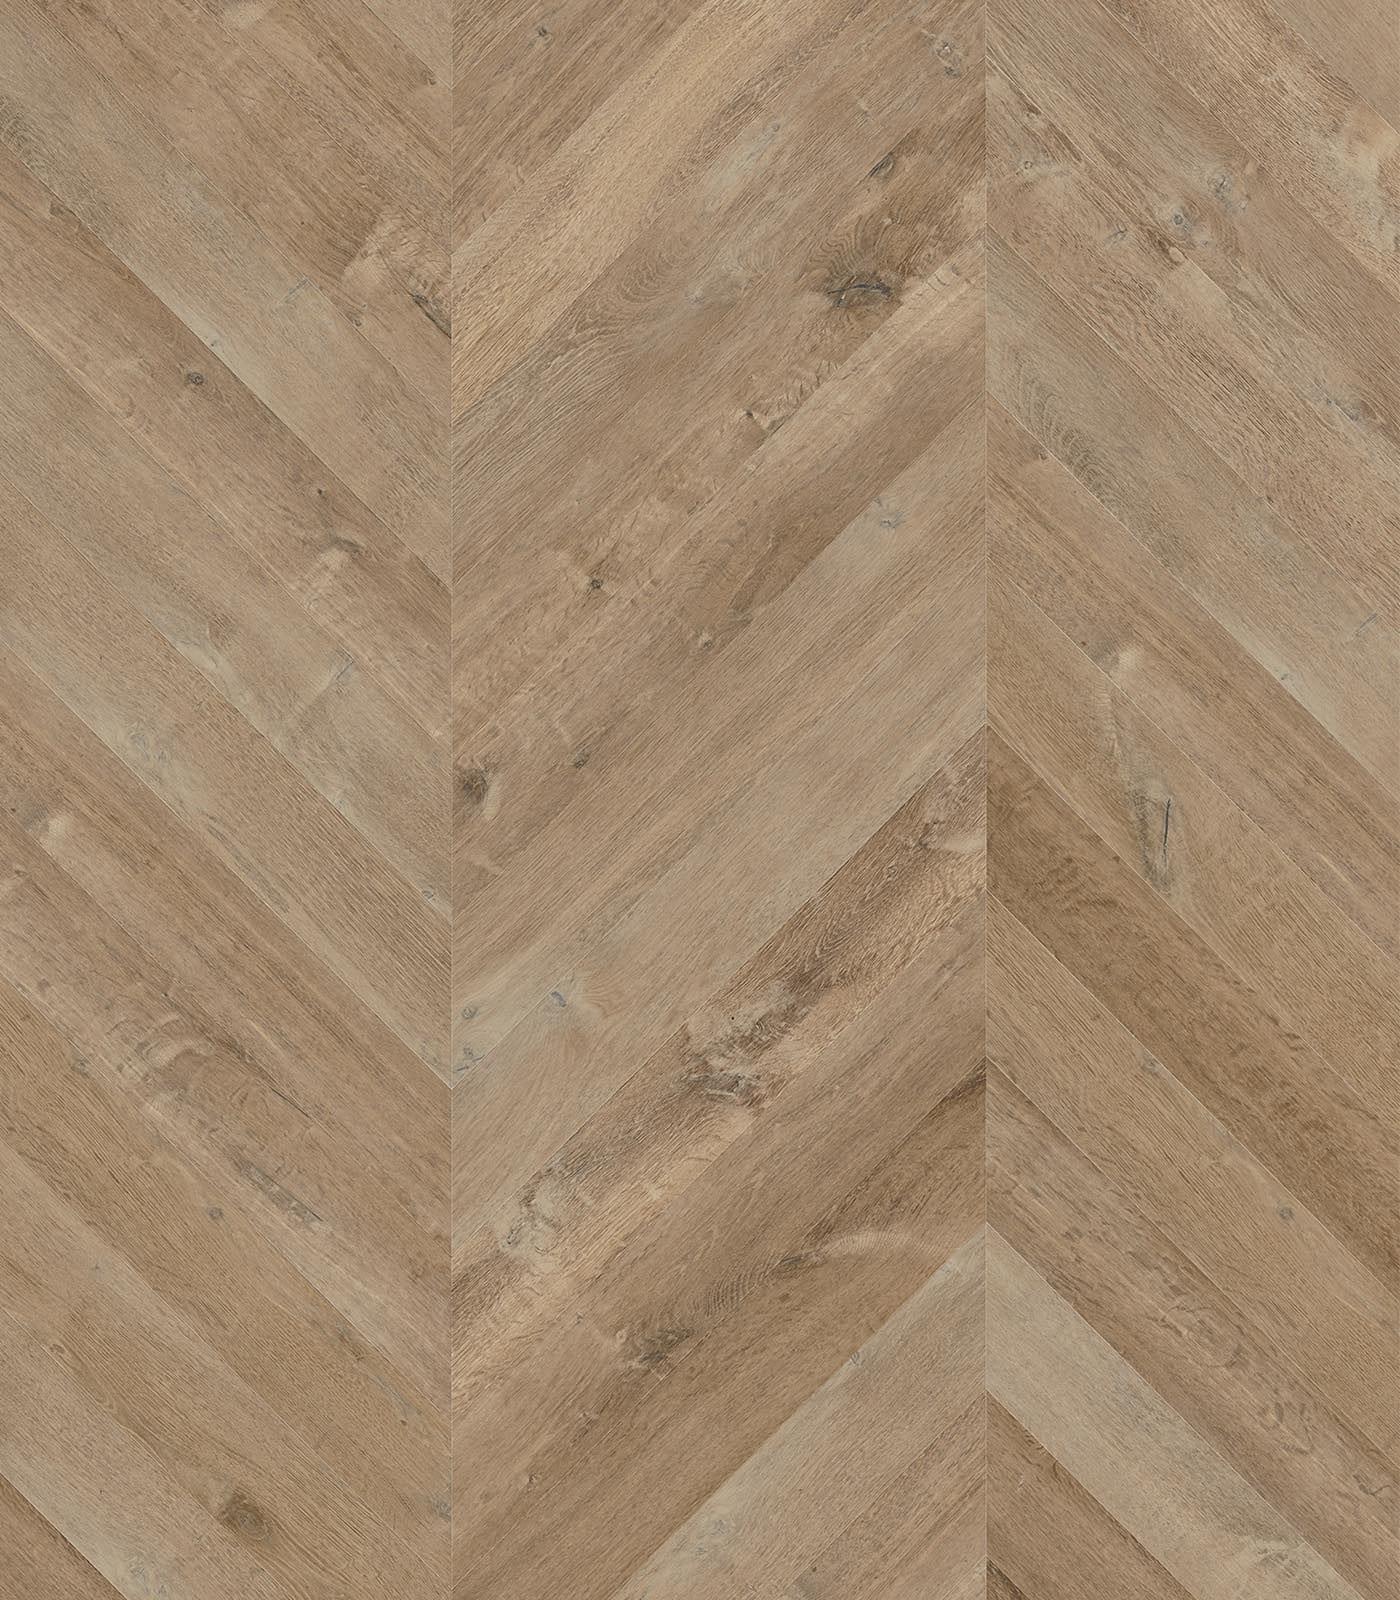 Bora Bora-Fashion Collection-Chevron European Oak floors-flat